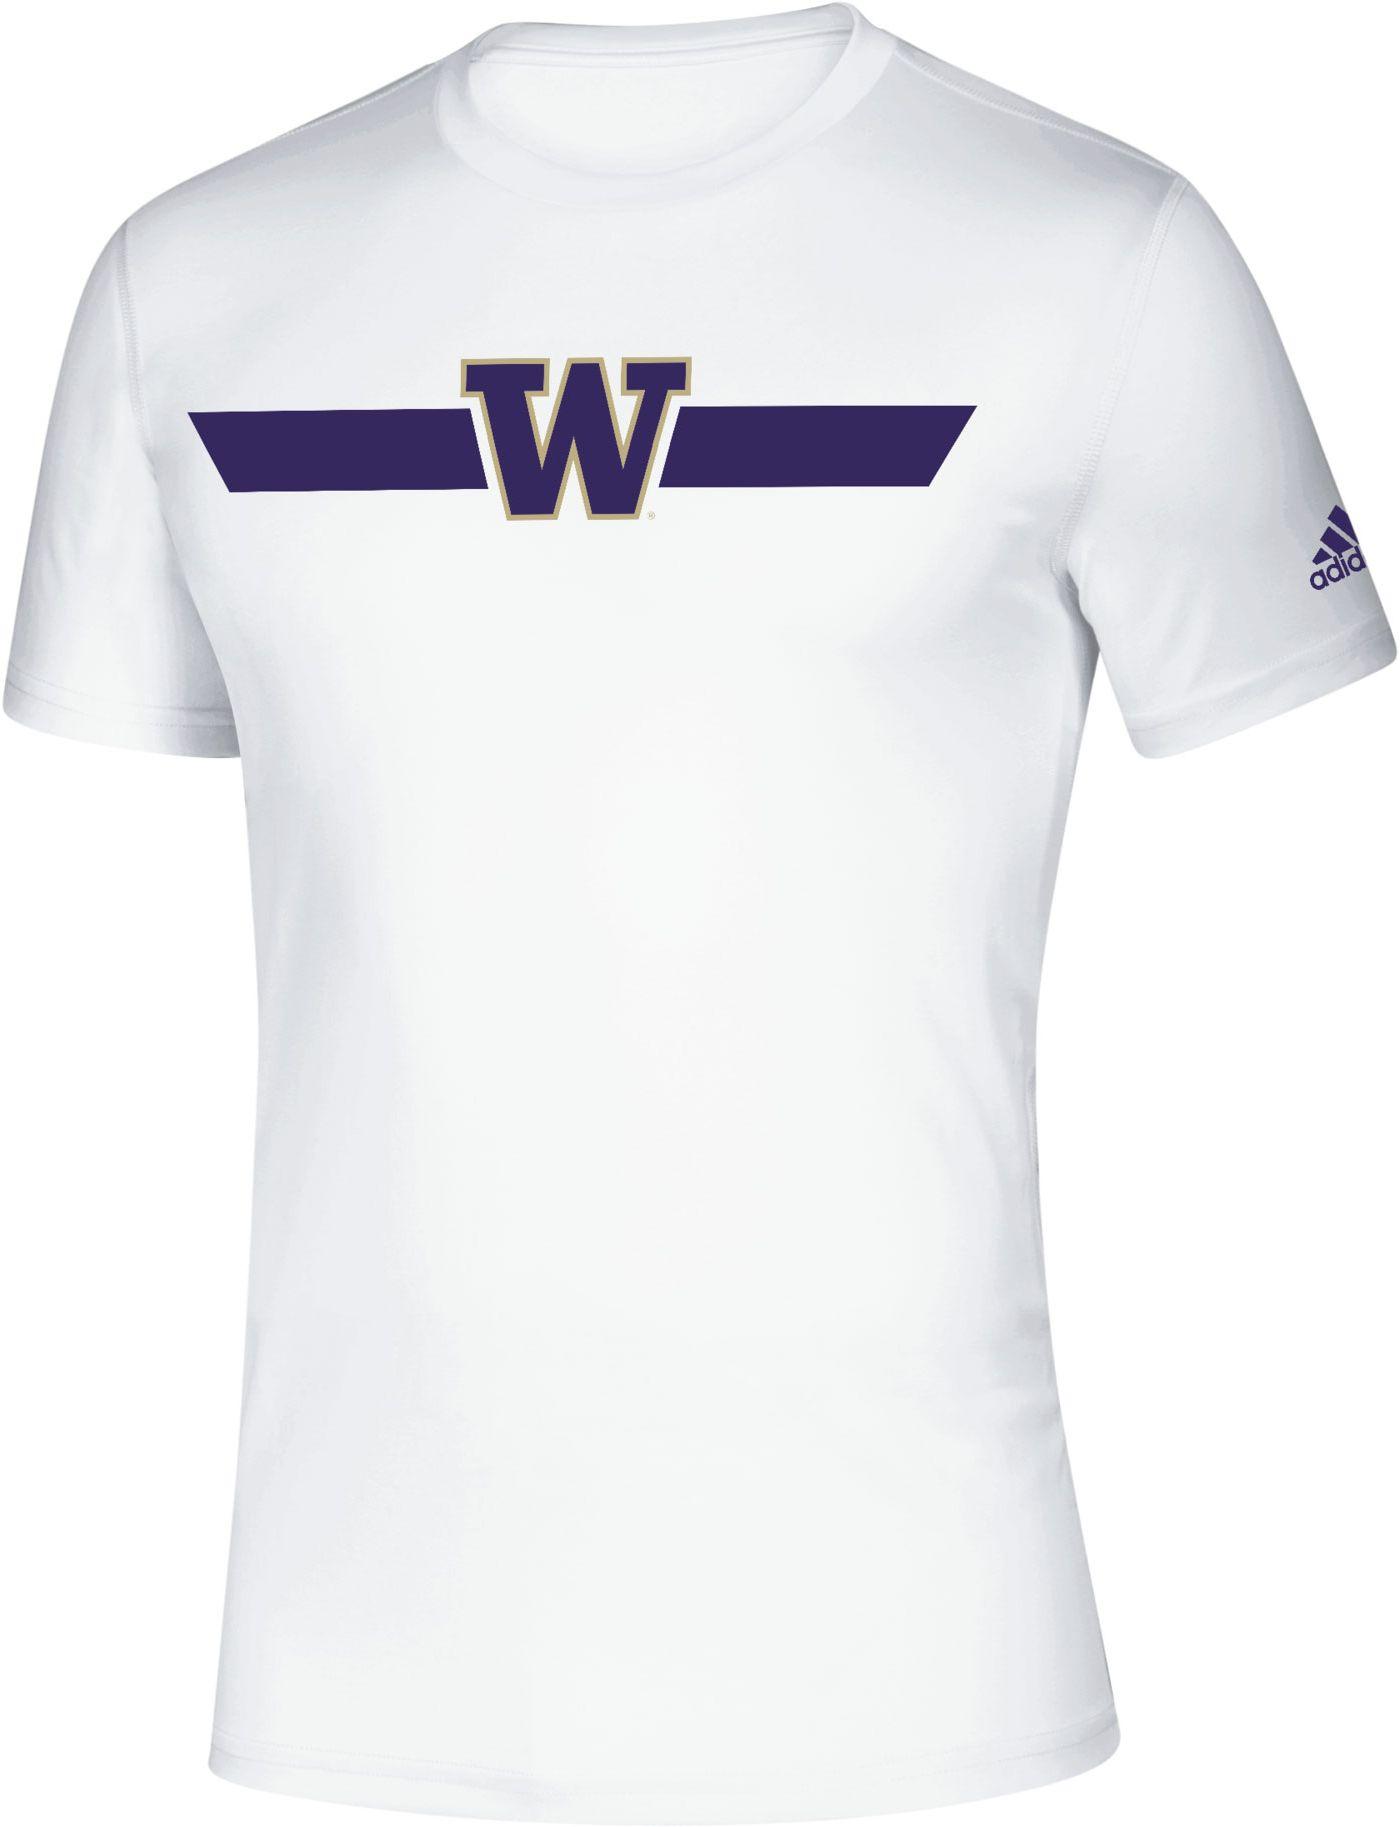 adidas Men's Washington Huskies Locker Stripe Sideline White T-Shirt